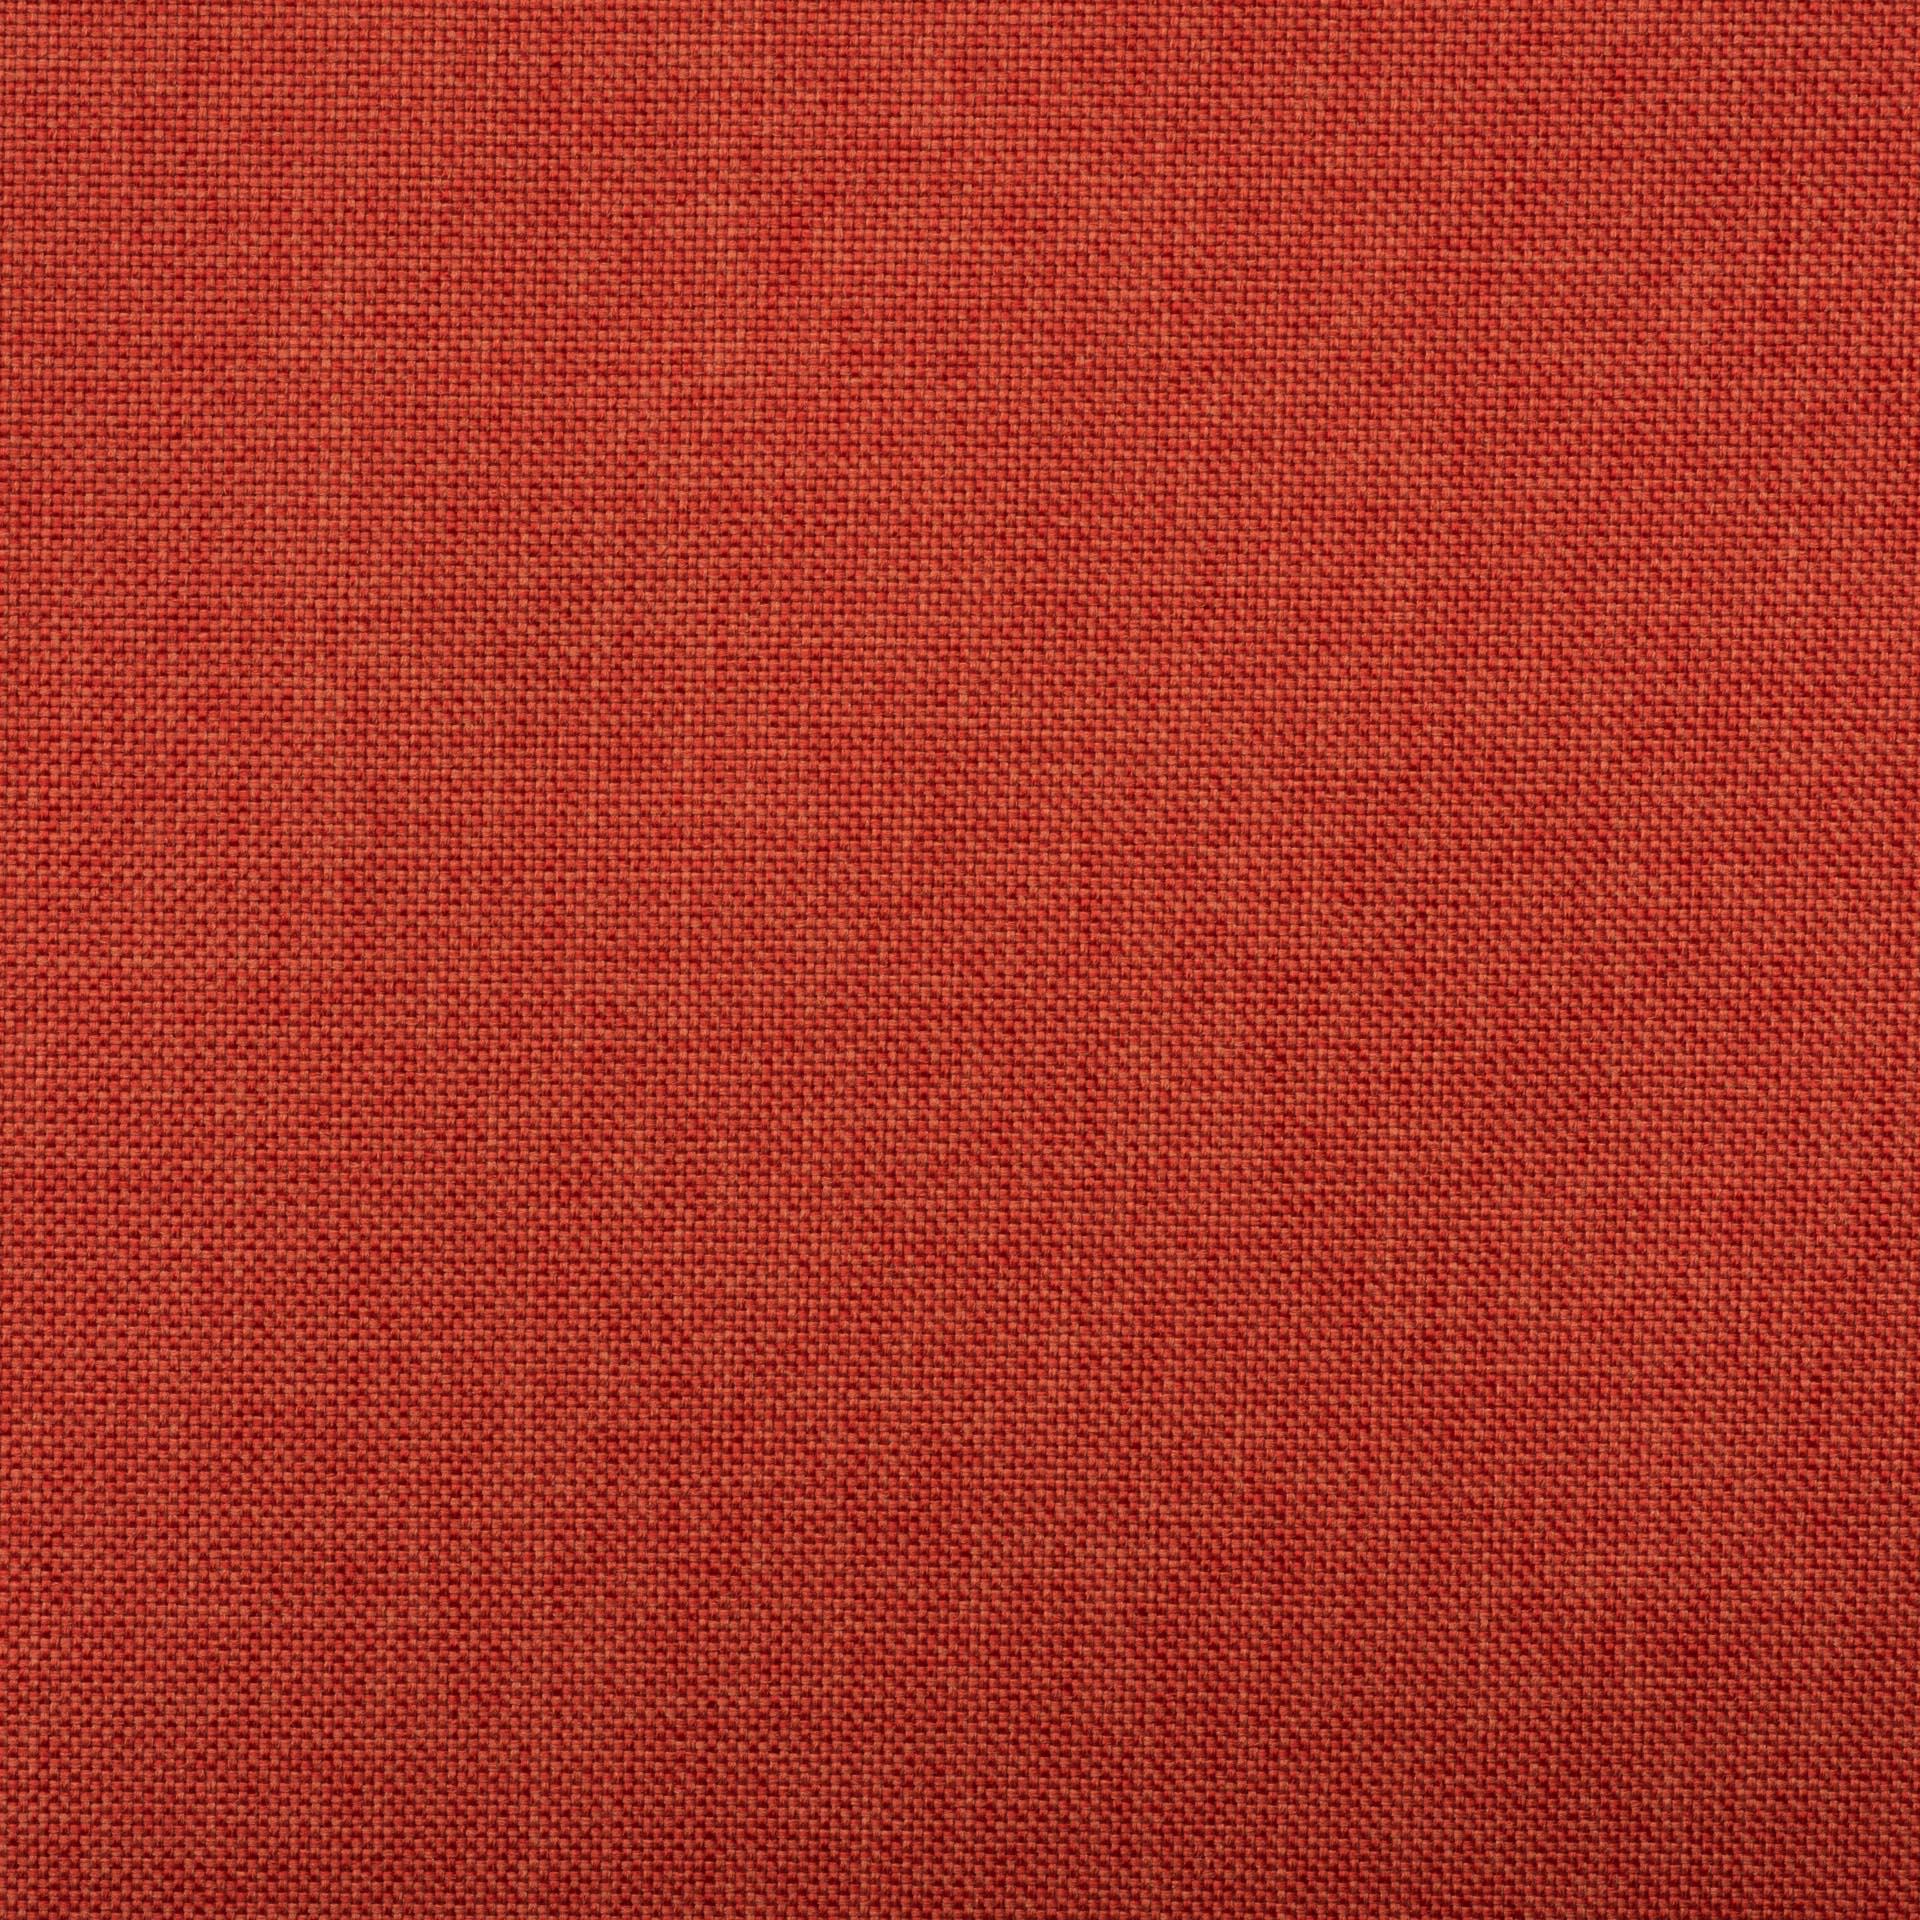 Коллекция ткани Саванна CORAL 21,  купить ткань Жаккард для мебели Украина